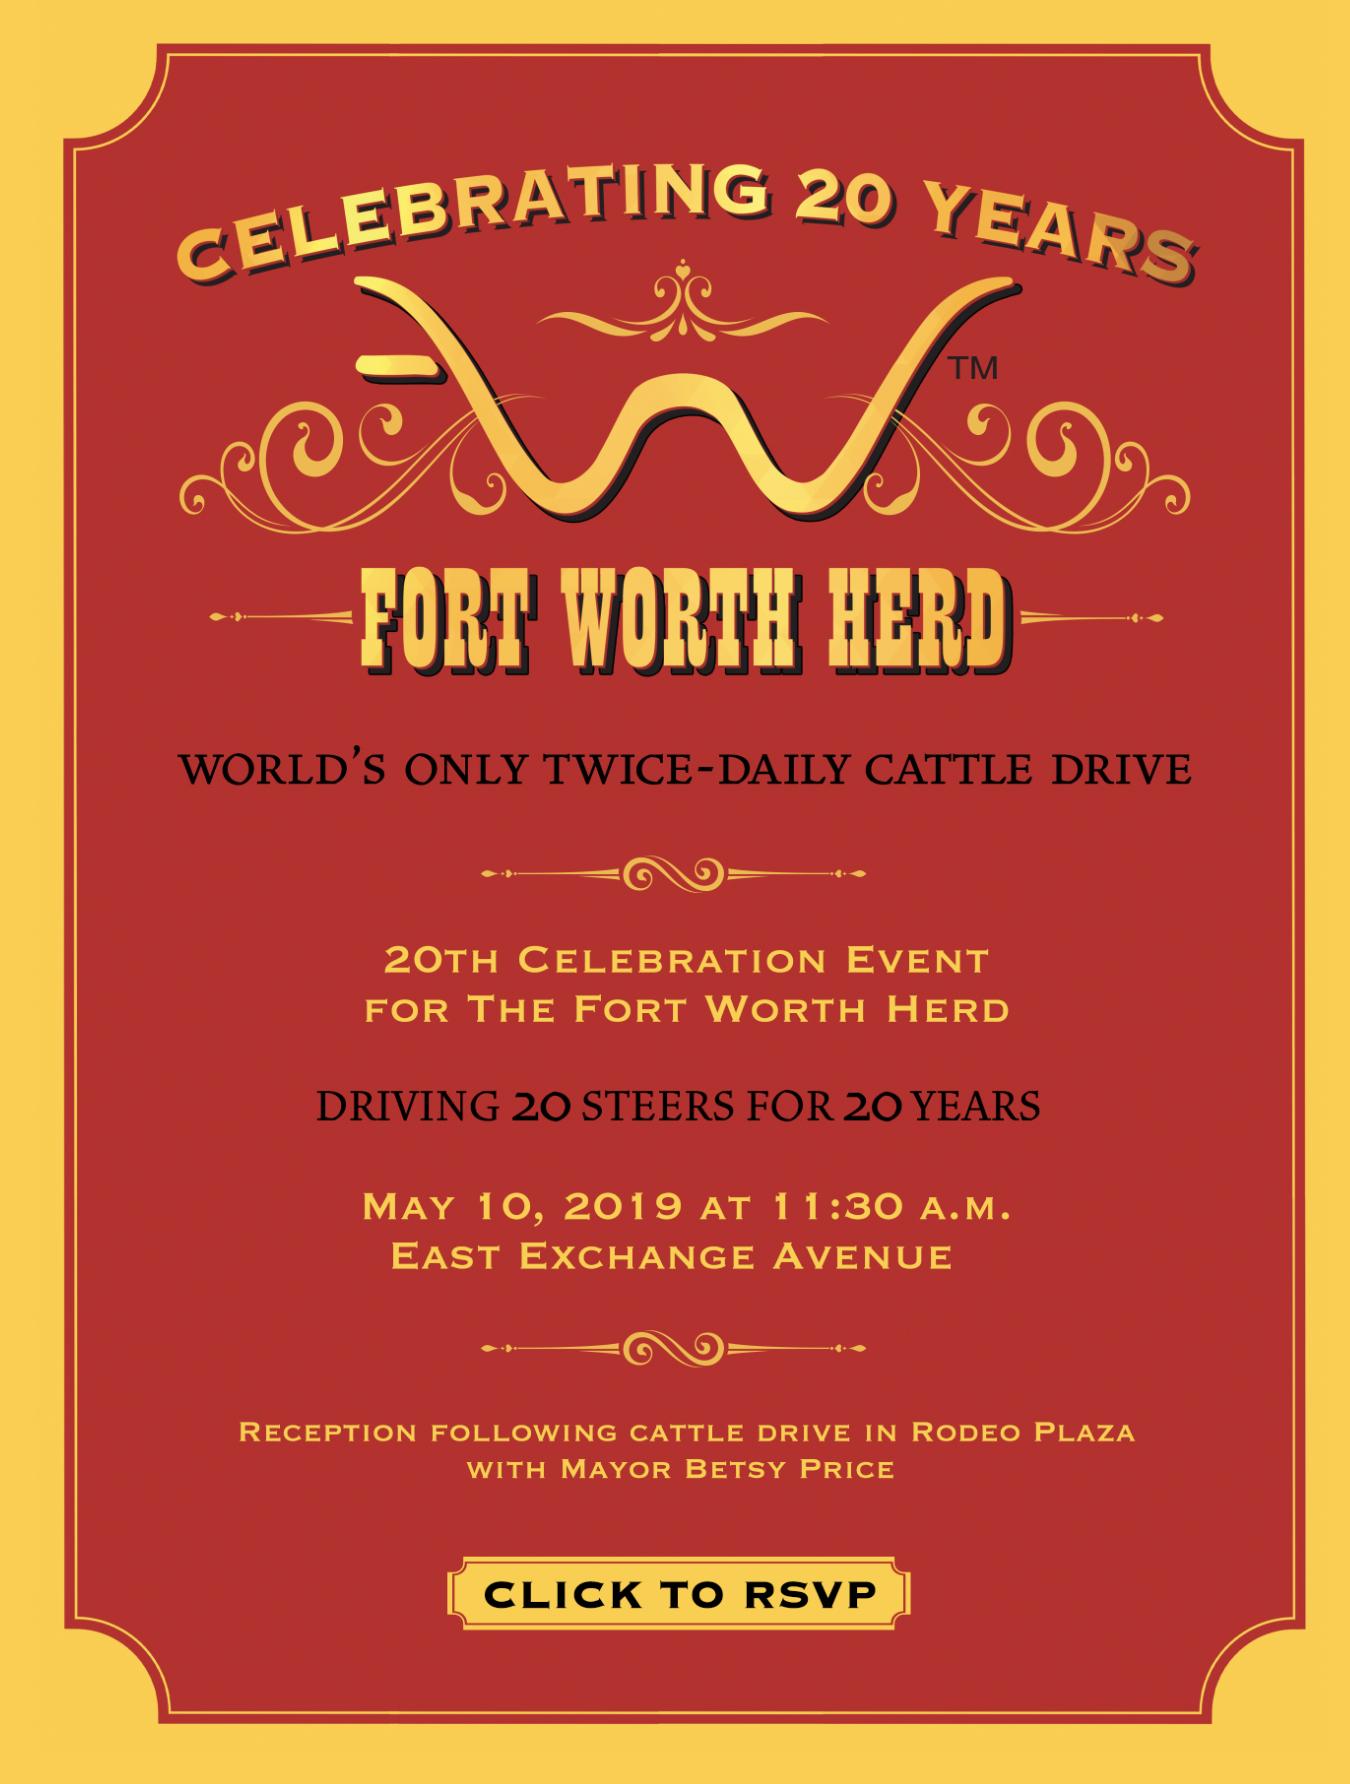 Herd_20th_invite.jpg